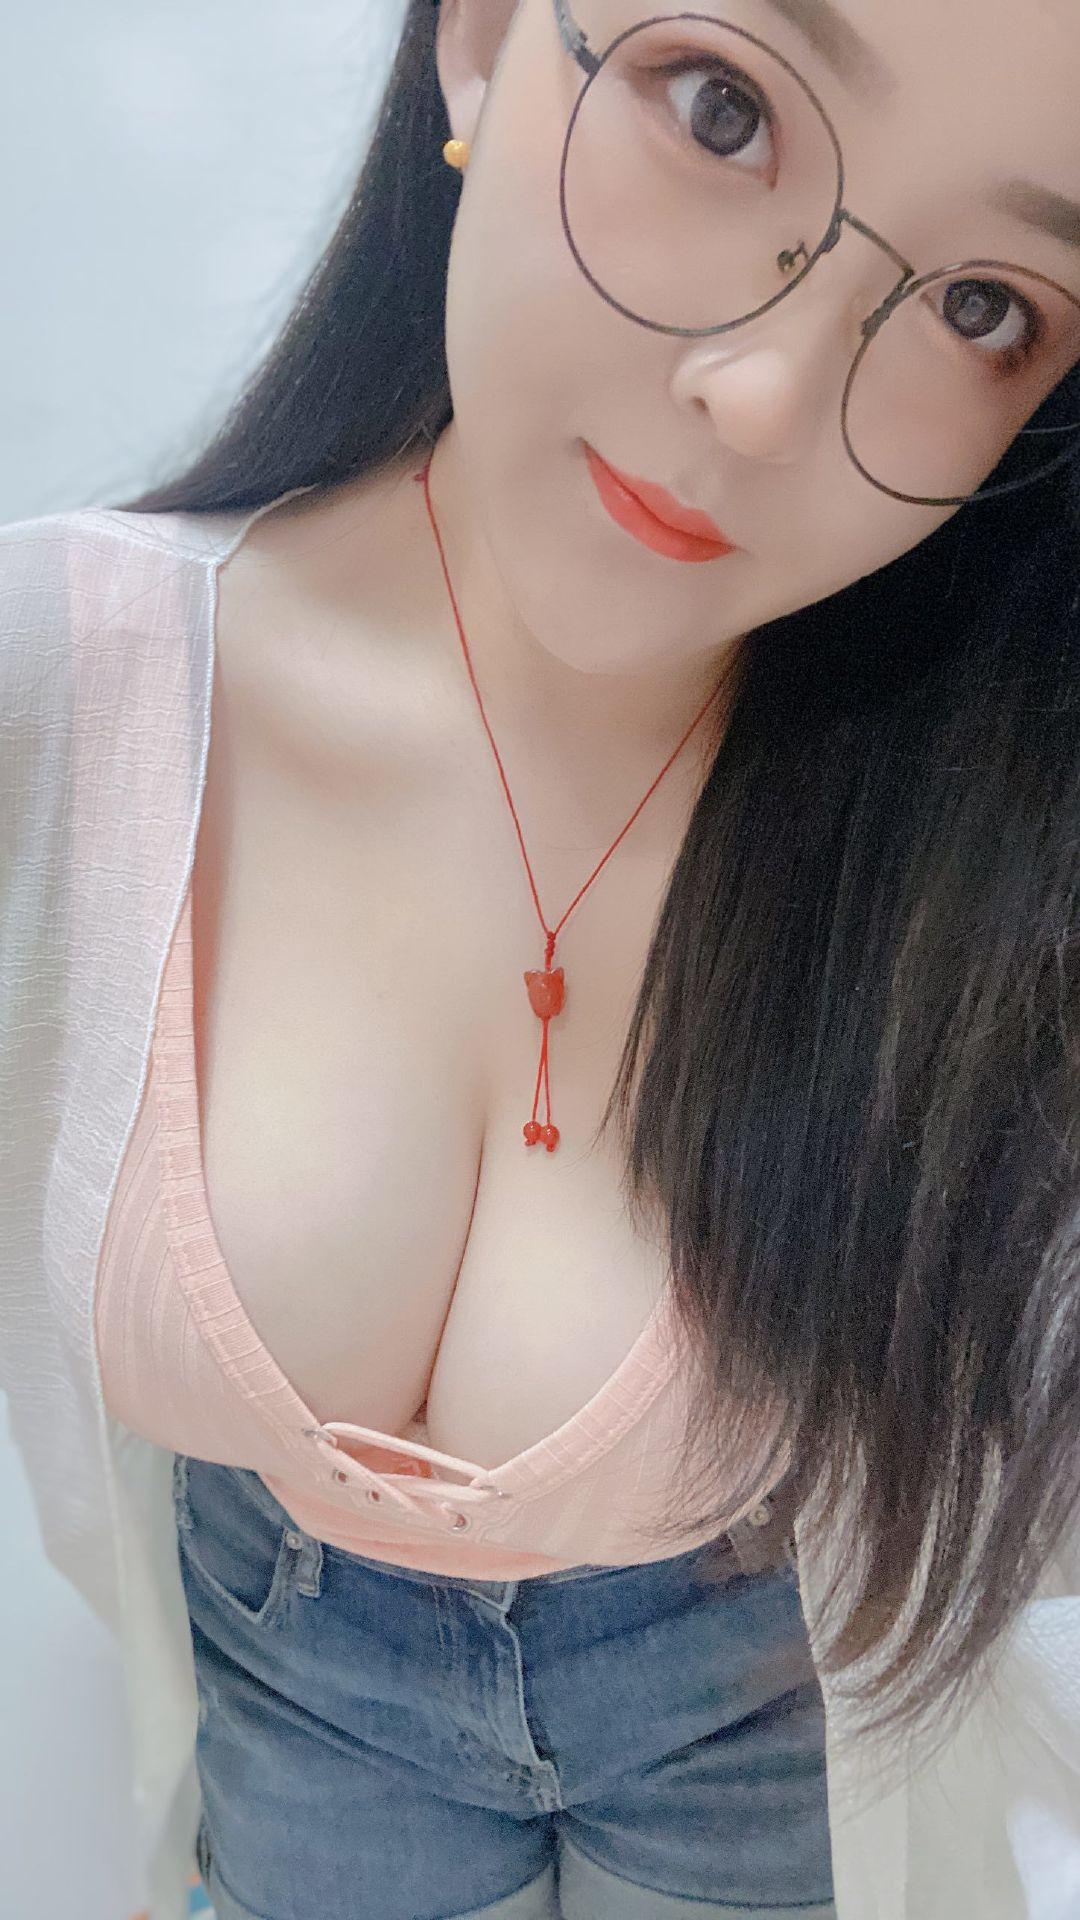 """斗鱼女主播""""电竞36G奶""""@电锯甜心小雨 私房照合集插图5"""